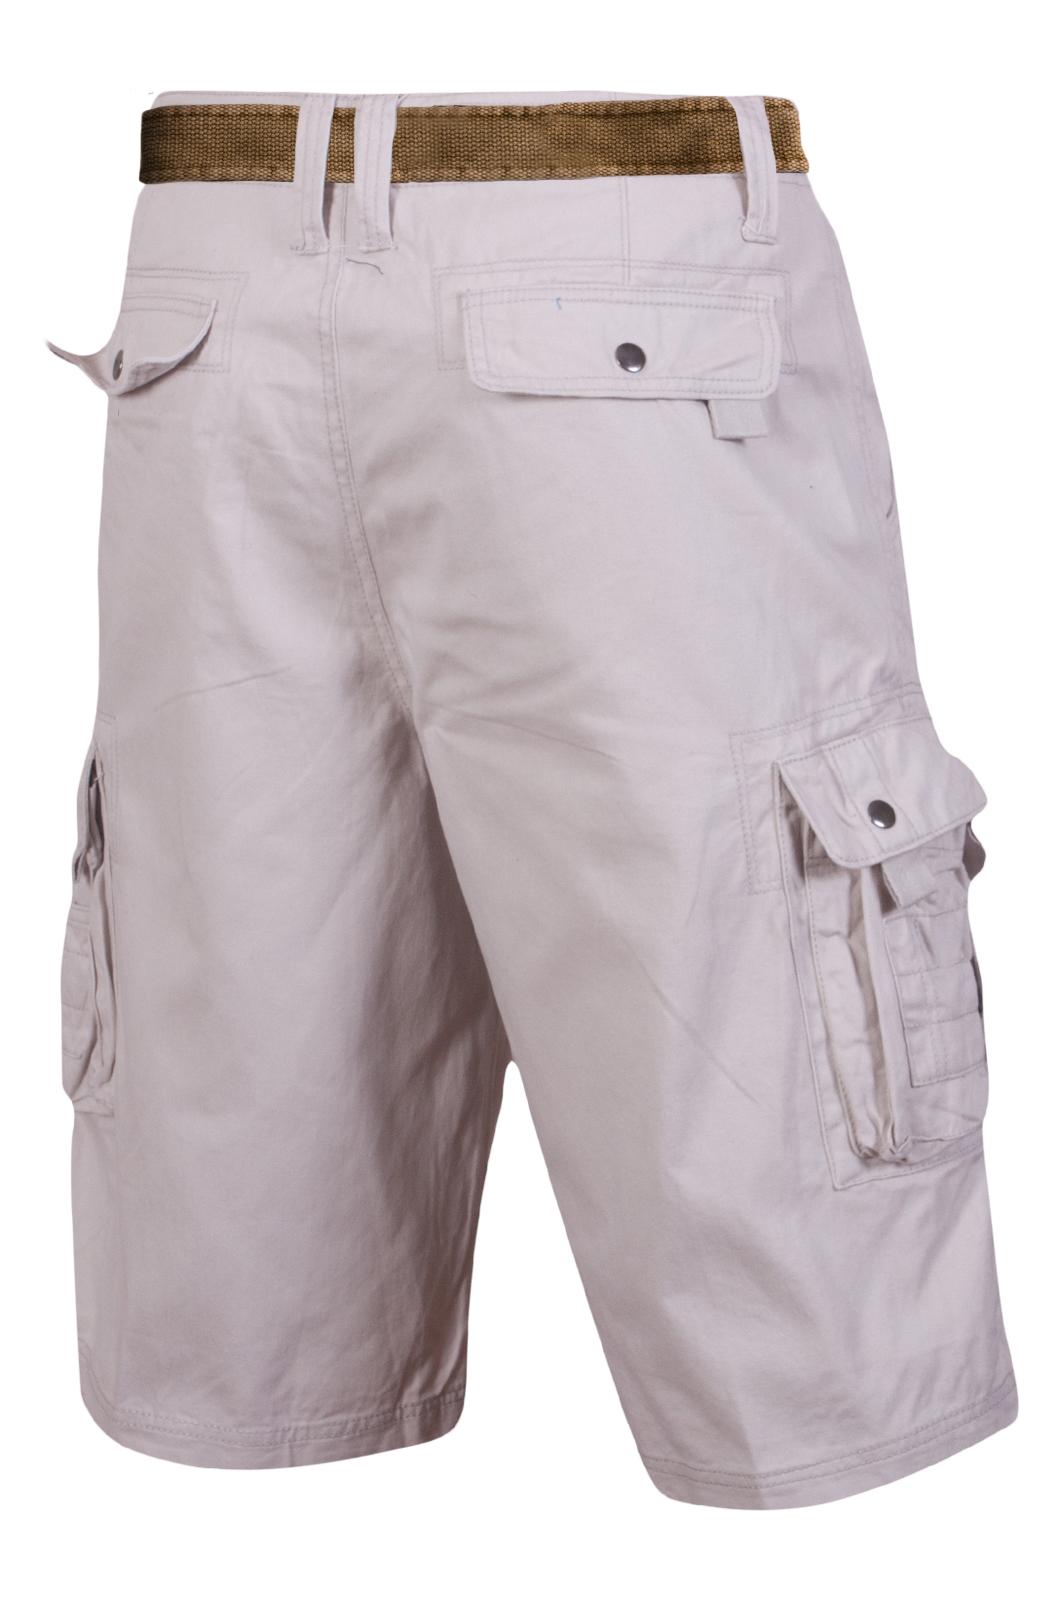 Стильные шорты с ремнем - купить в интернет-магазине